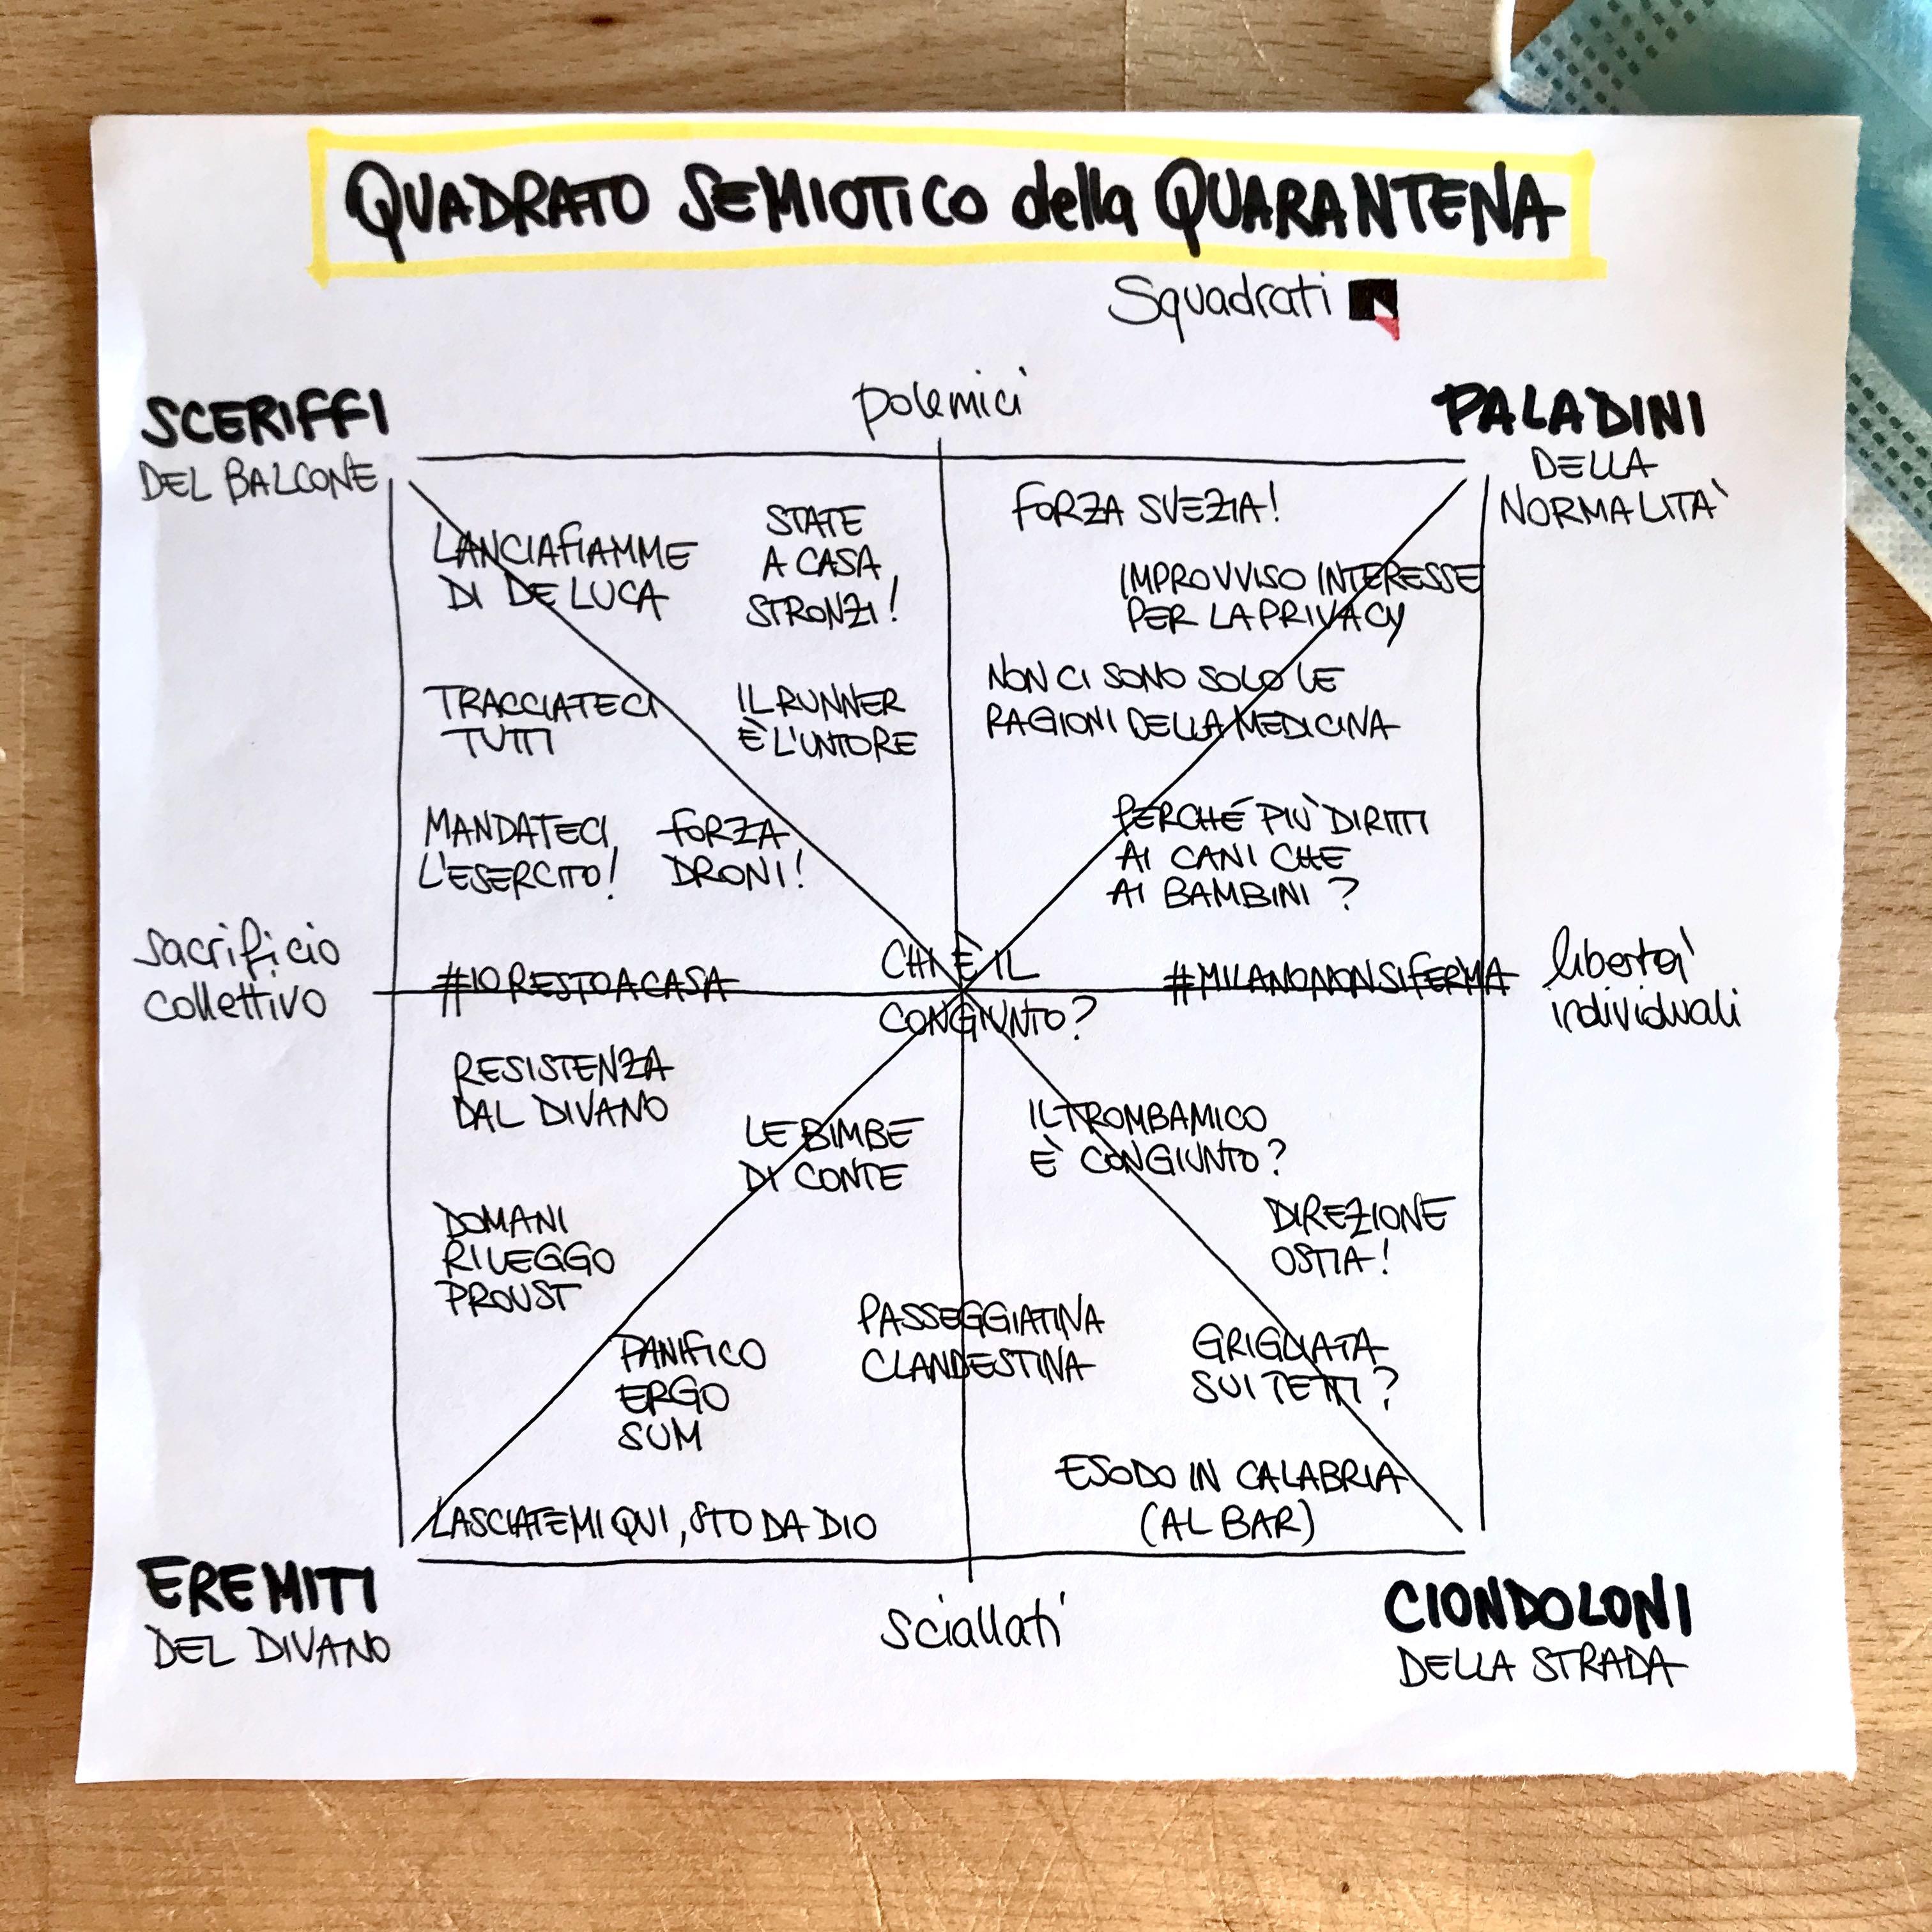 Quadrato semiotico quarantena 2